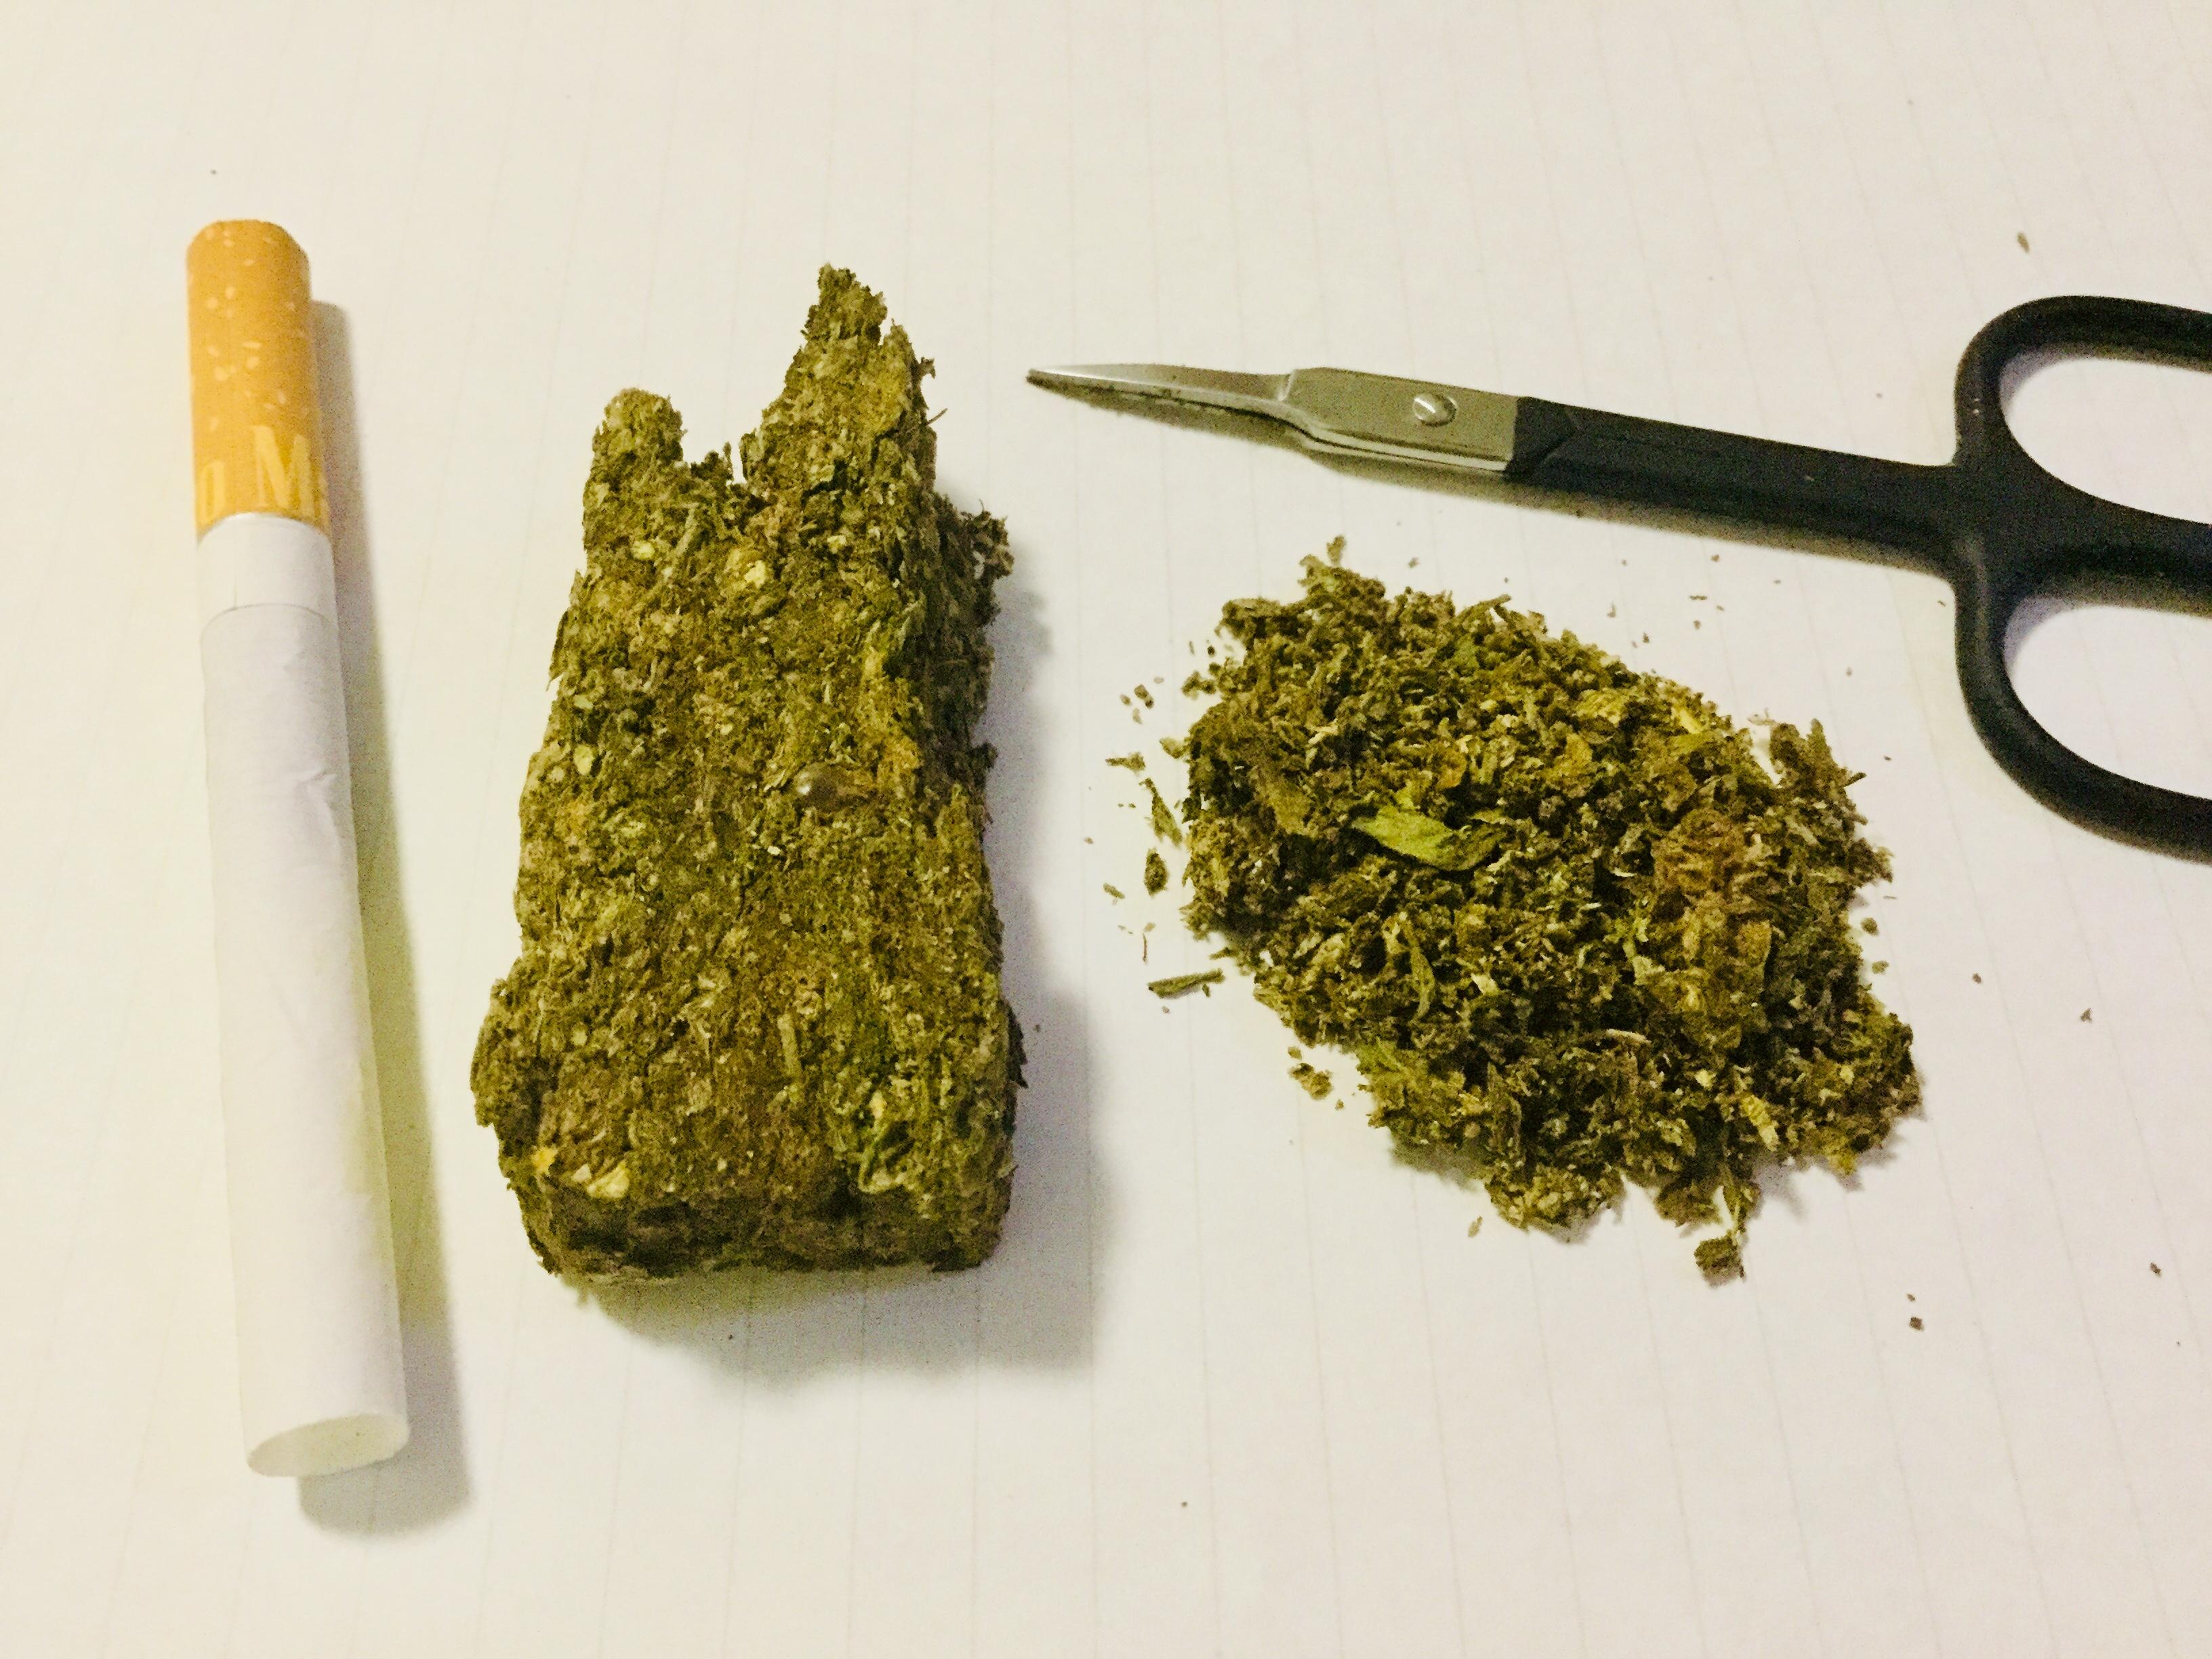 日本人が海外で大麻を使用すると逮捕される!?大麻取締法の国外犯規定についてサクッと説明しました。